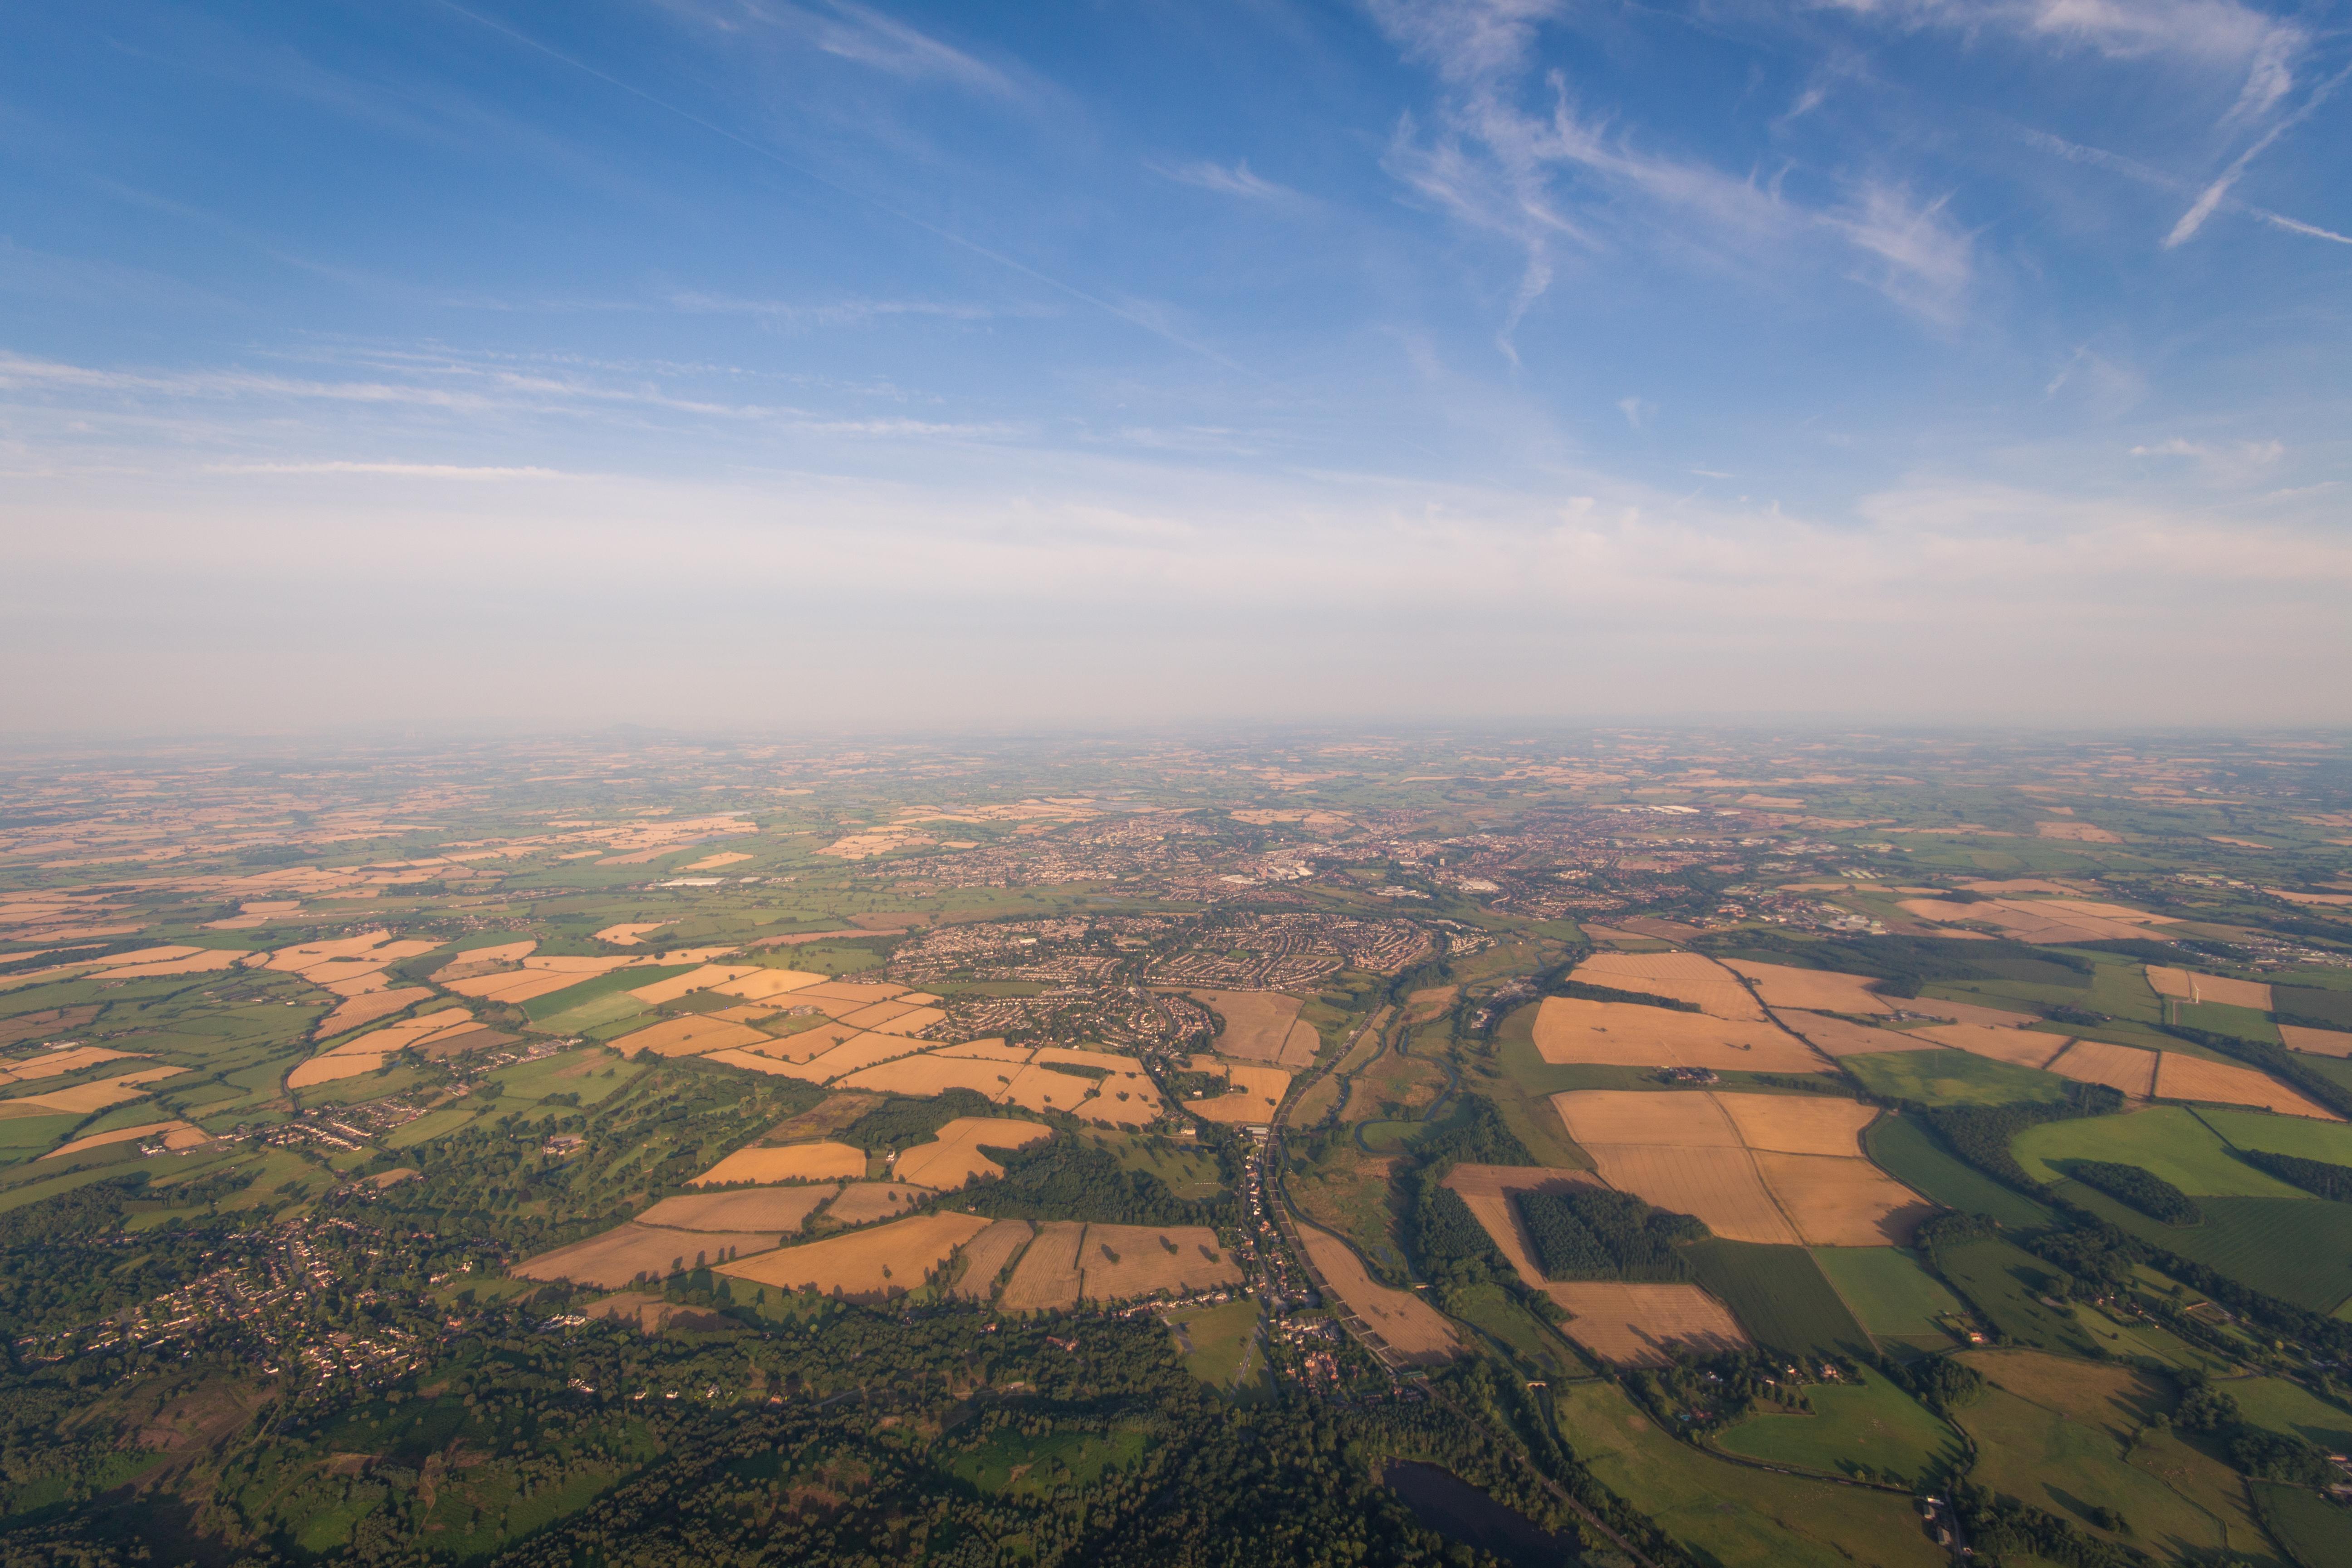 картинки неба с высоты птичьего полета она очень соленая